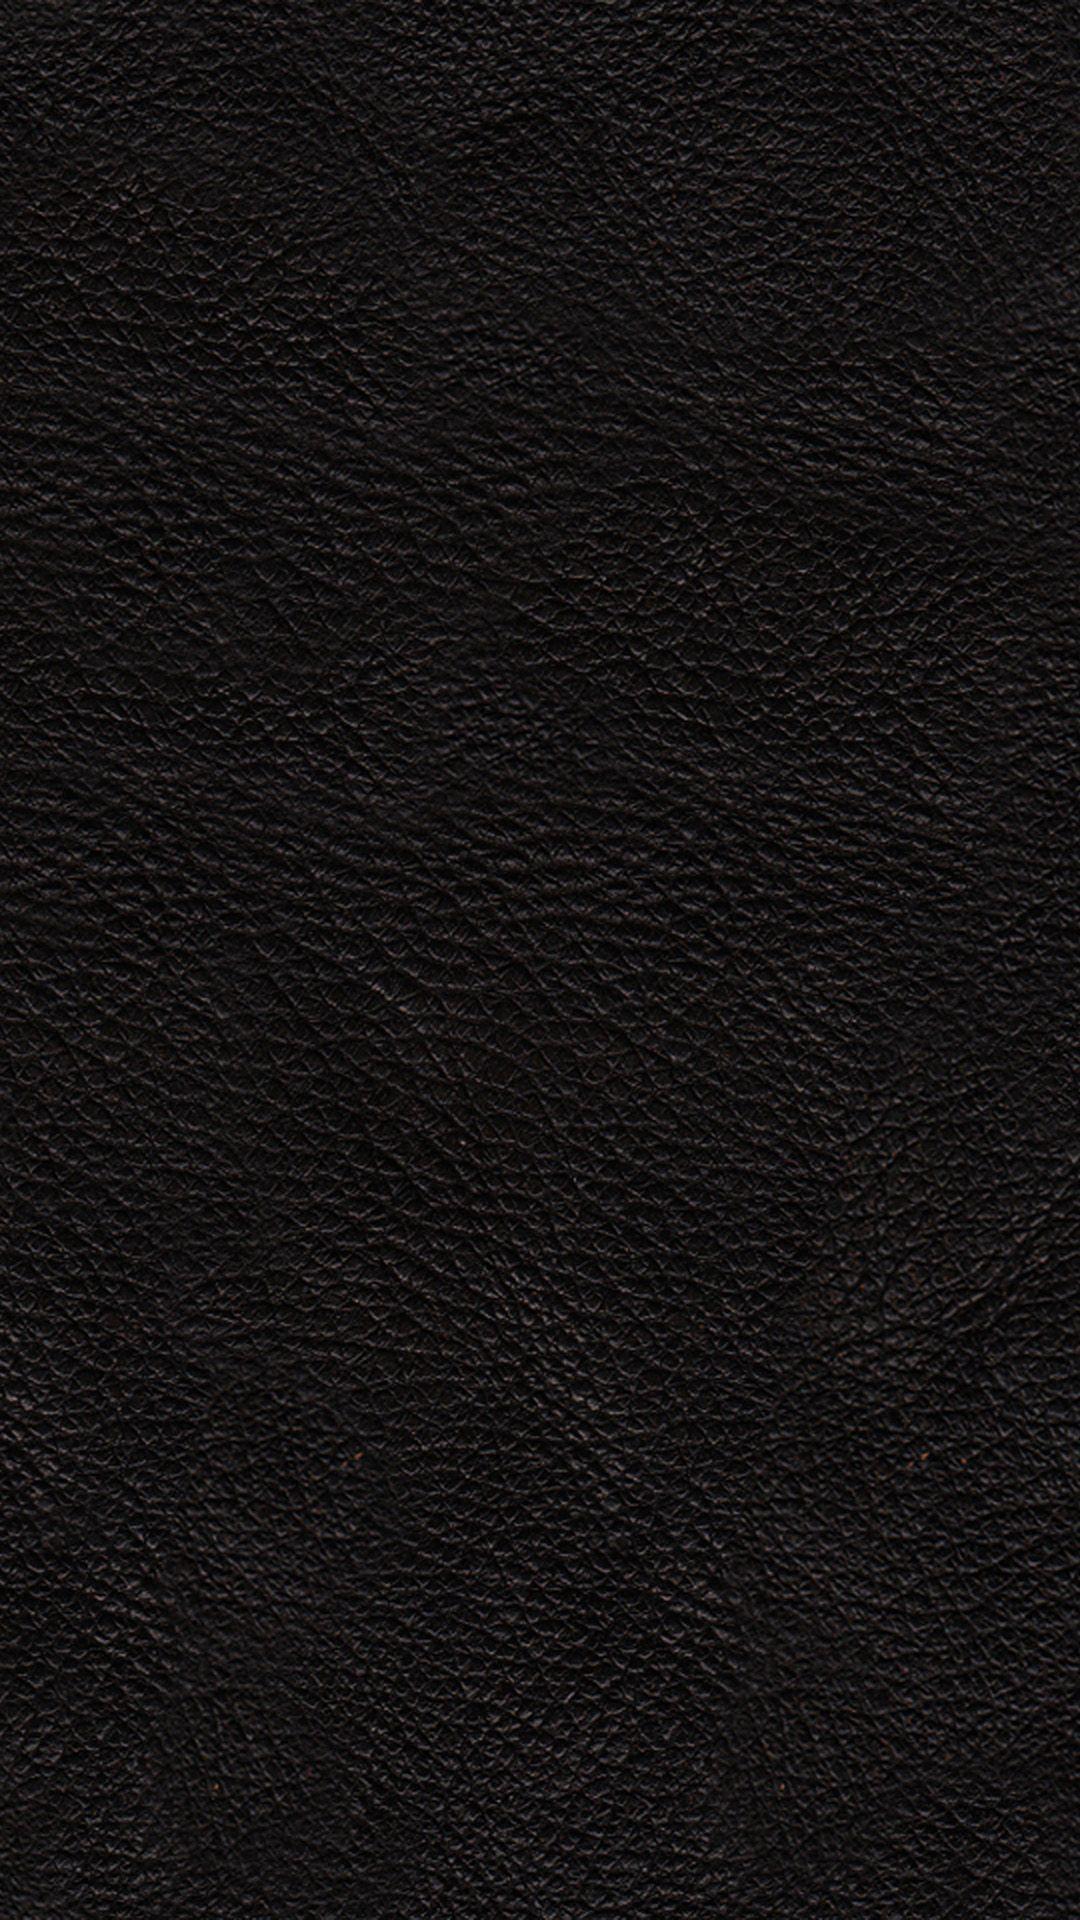 ブラックレザー Iphone 壁紙, 黒壁紙, 黒の壁紙